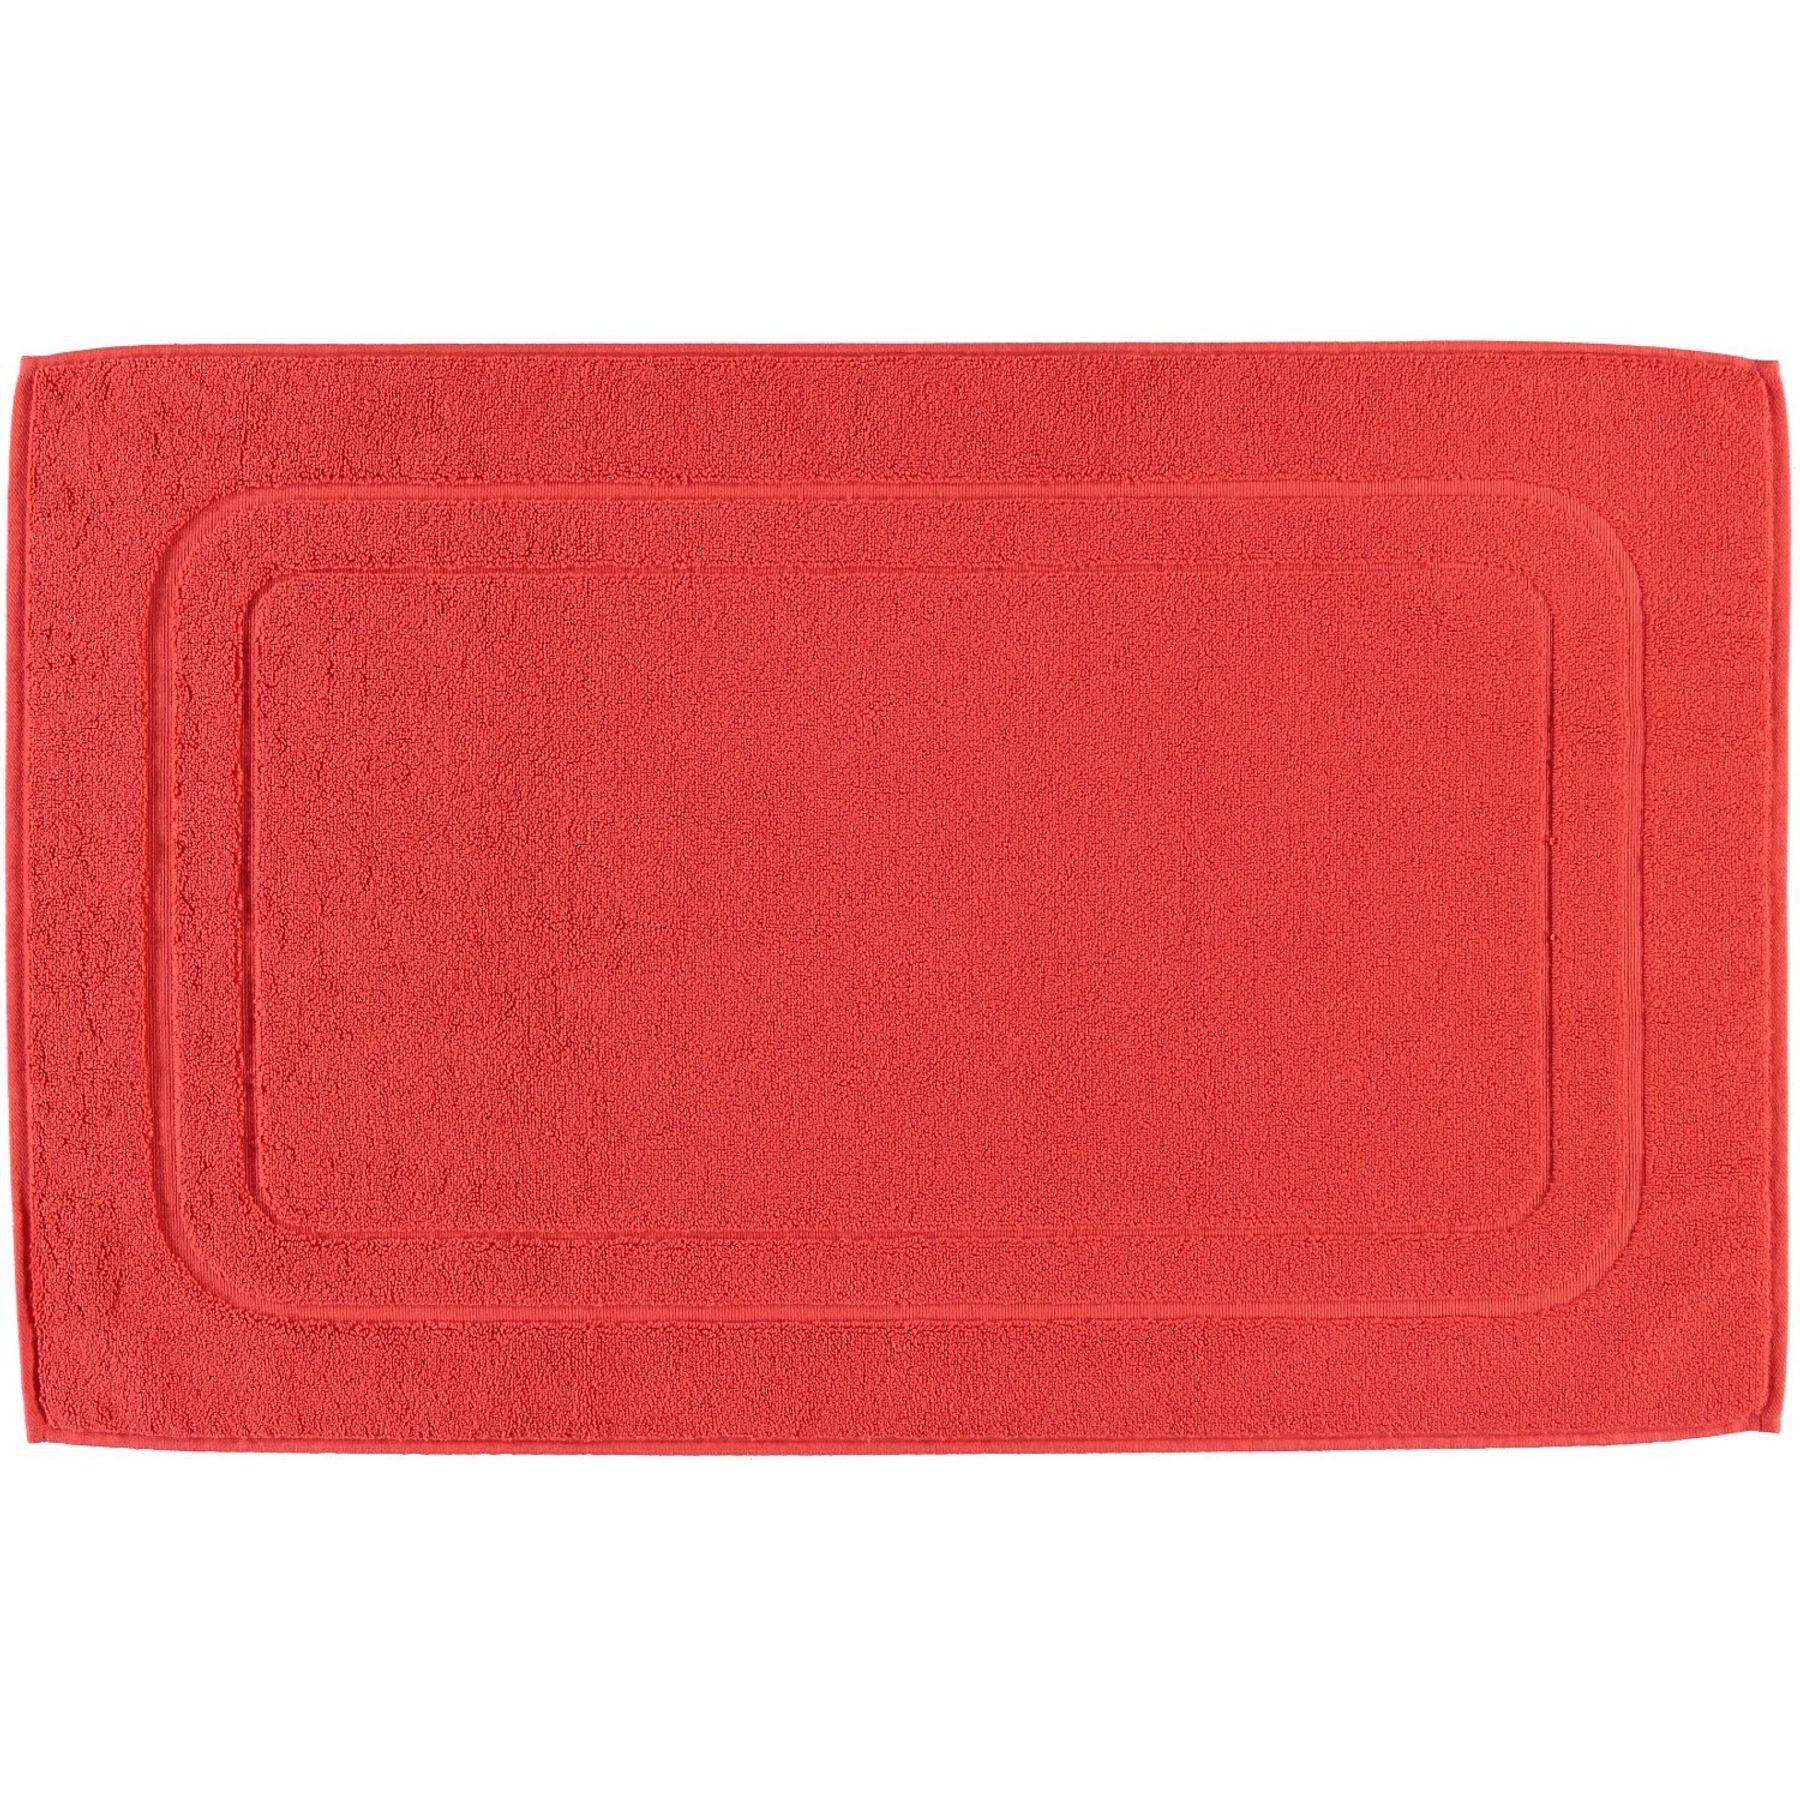 Cawö - Badteppich in verschiedenen Farben (Größe: 50x80 cm) im Doppelpack (201) – Bild 5